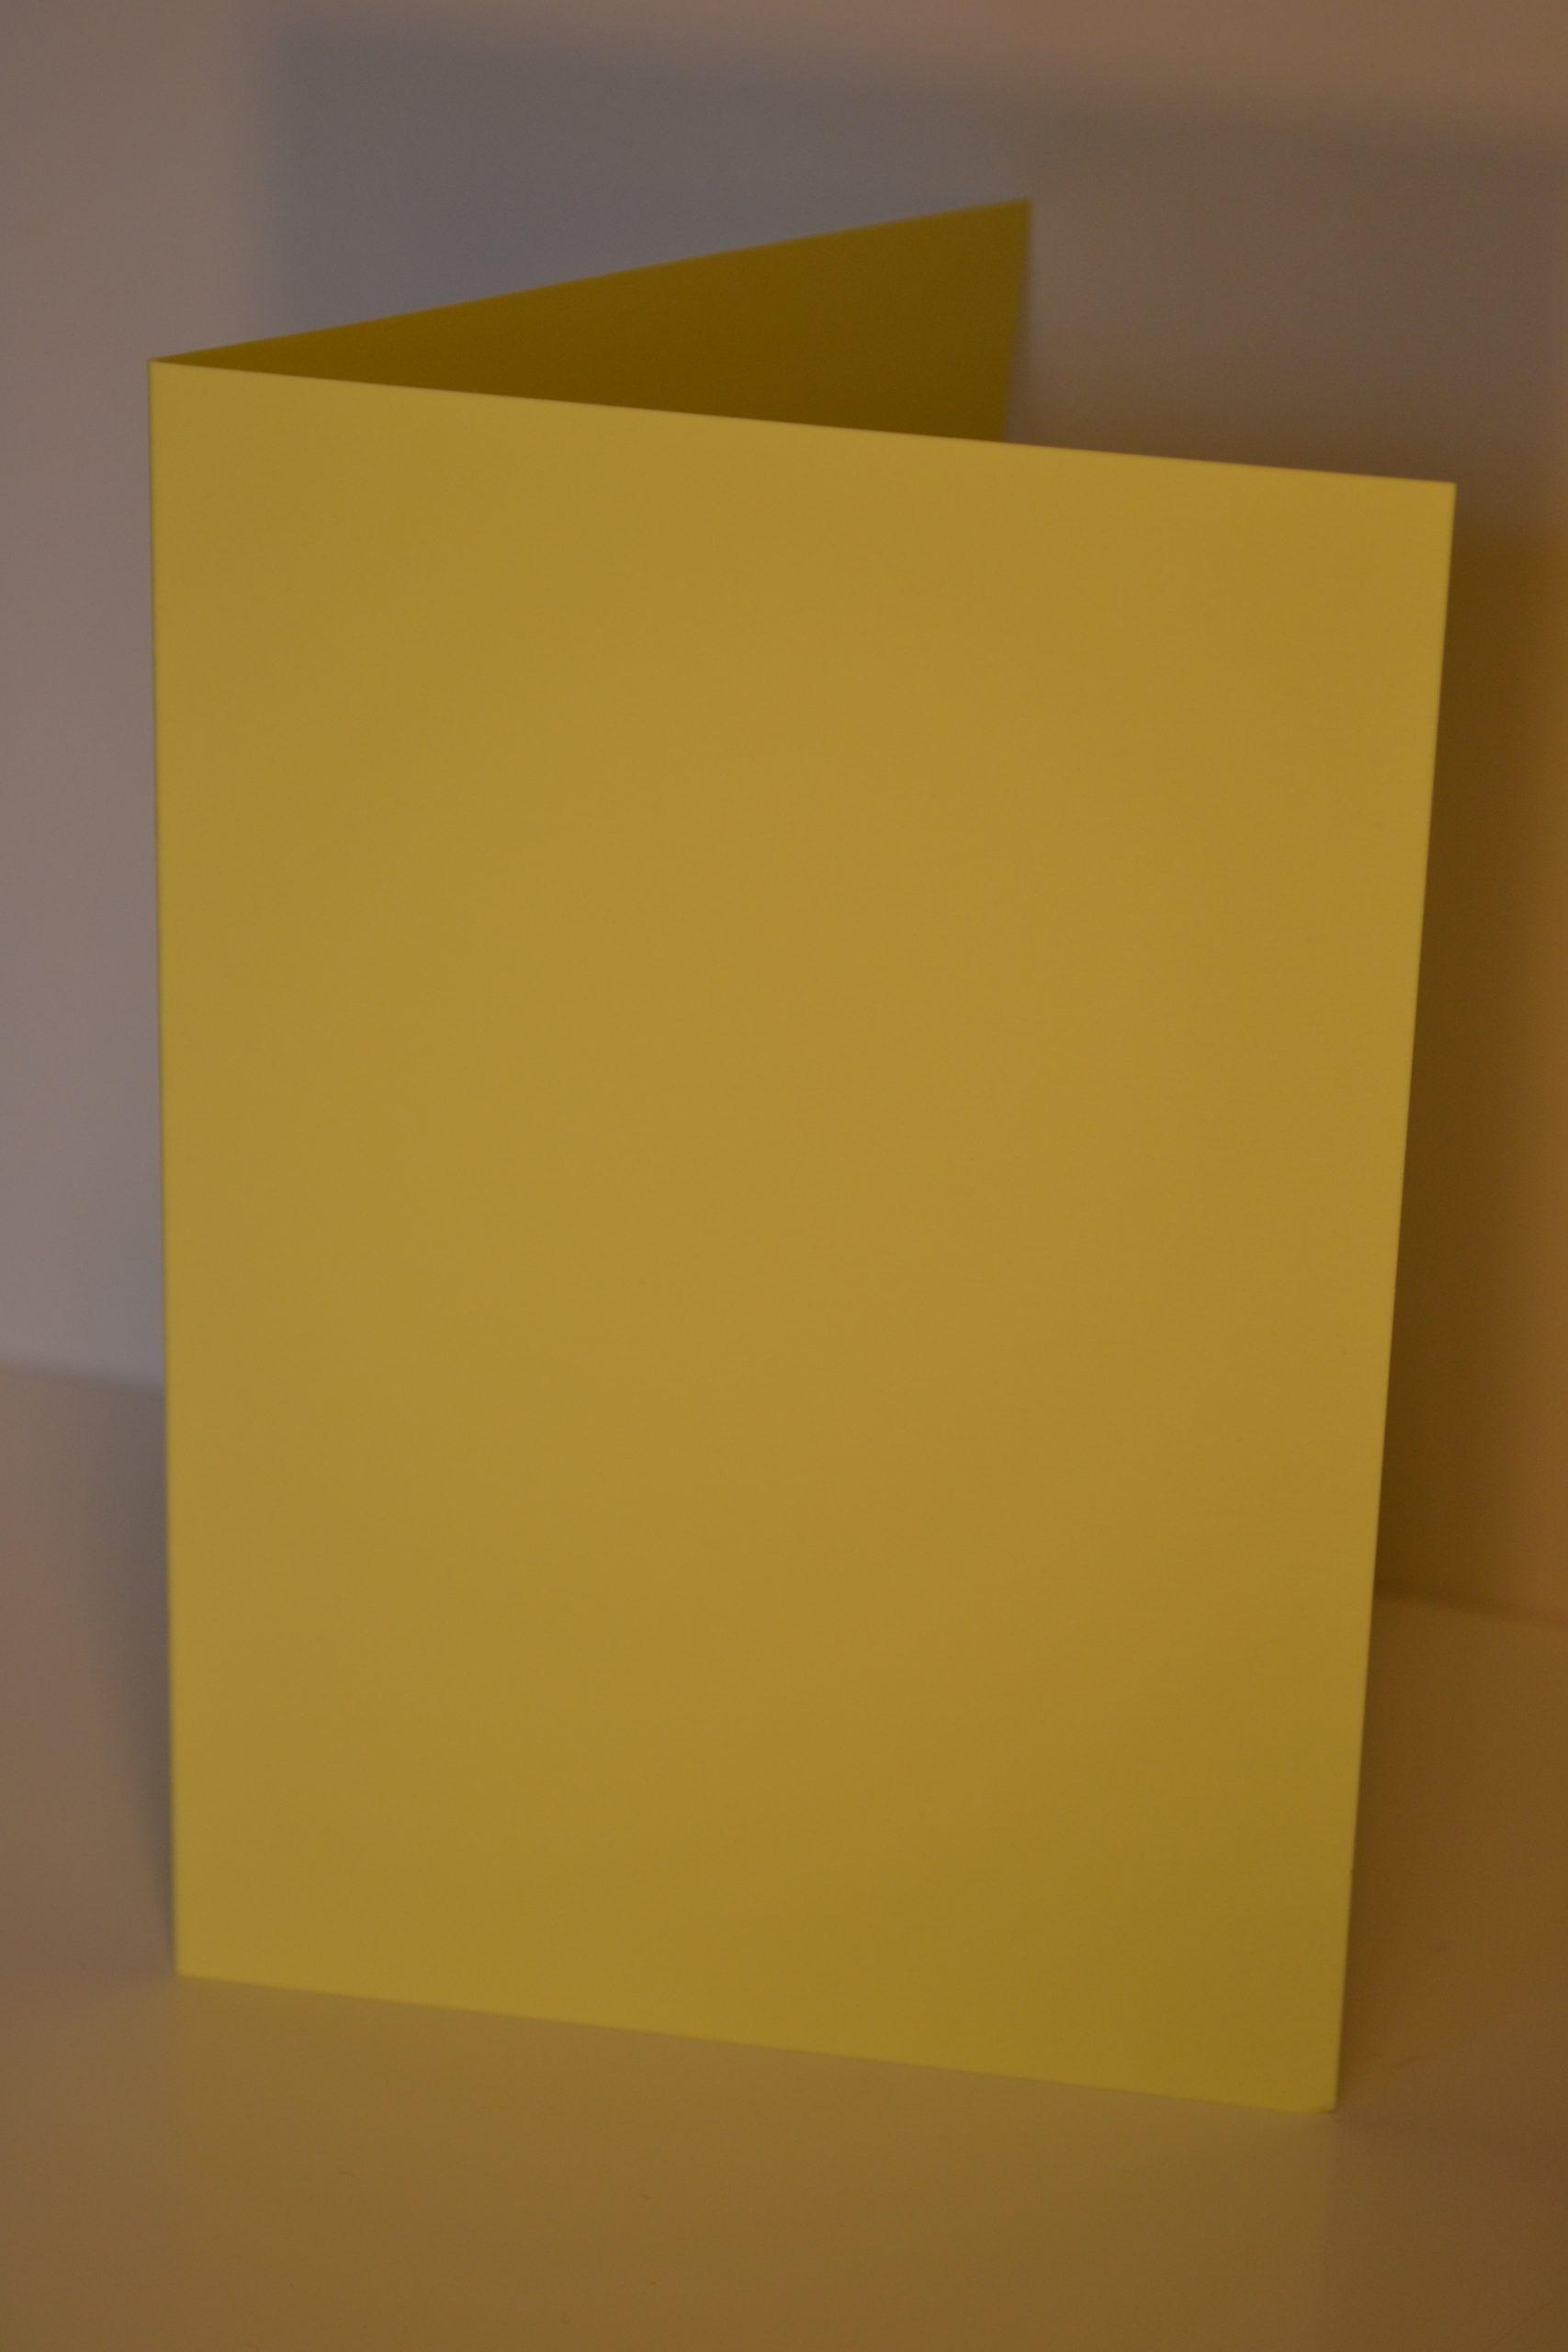 Greeting Card - Pastel Yellow